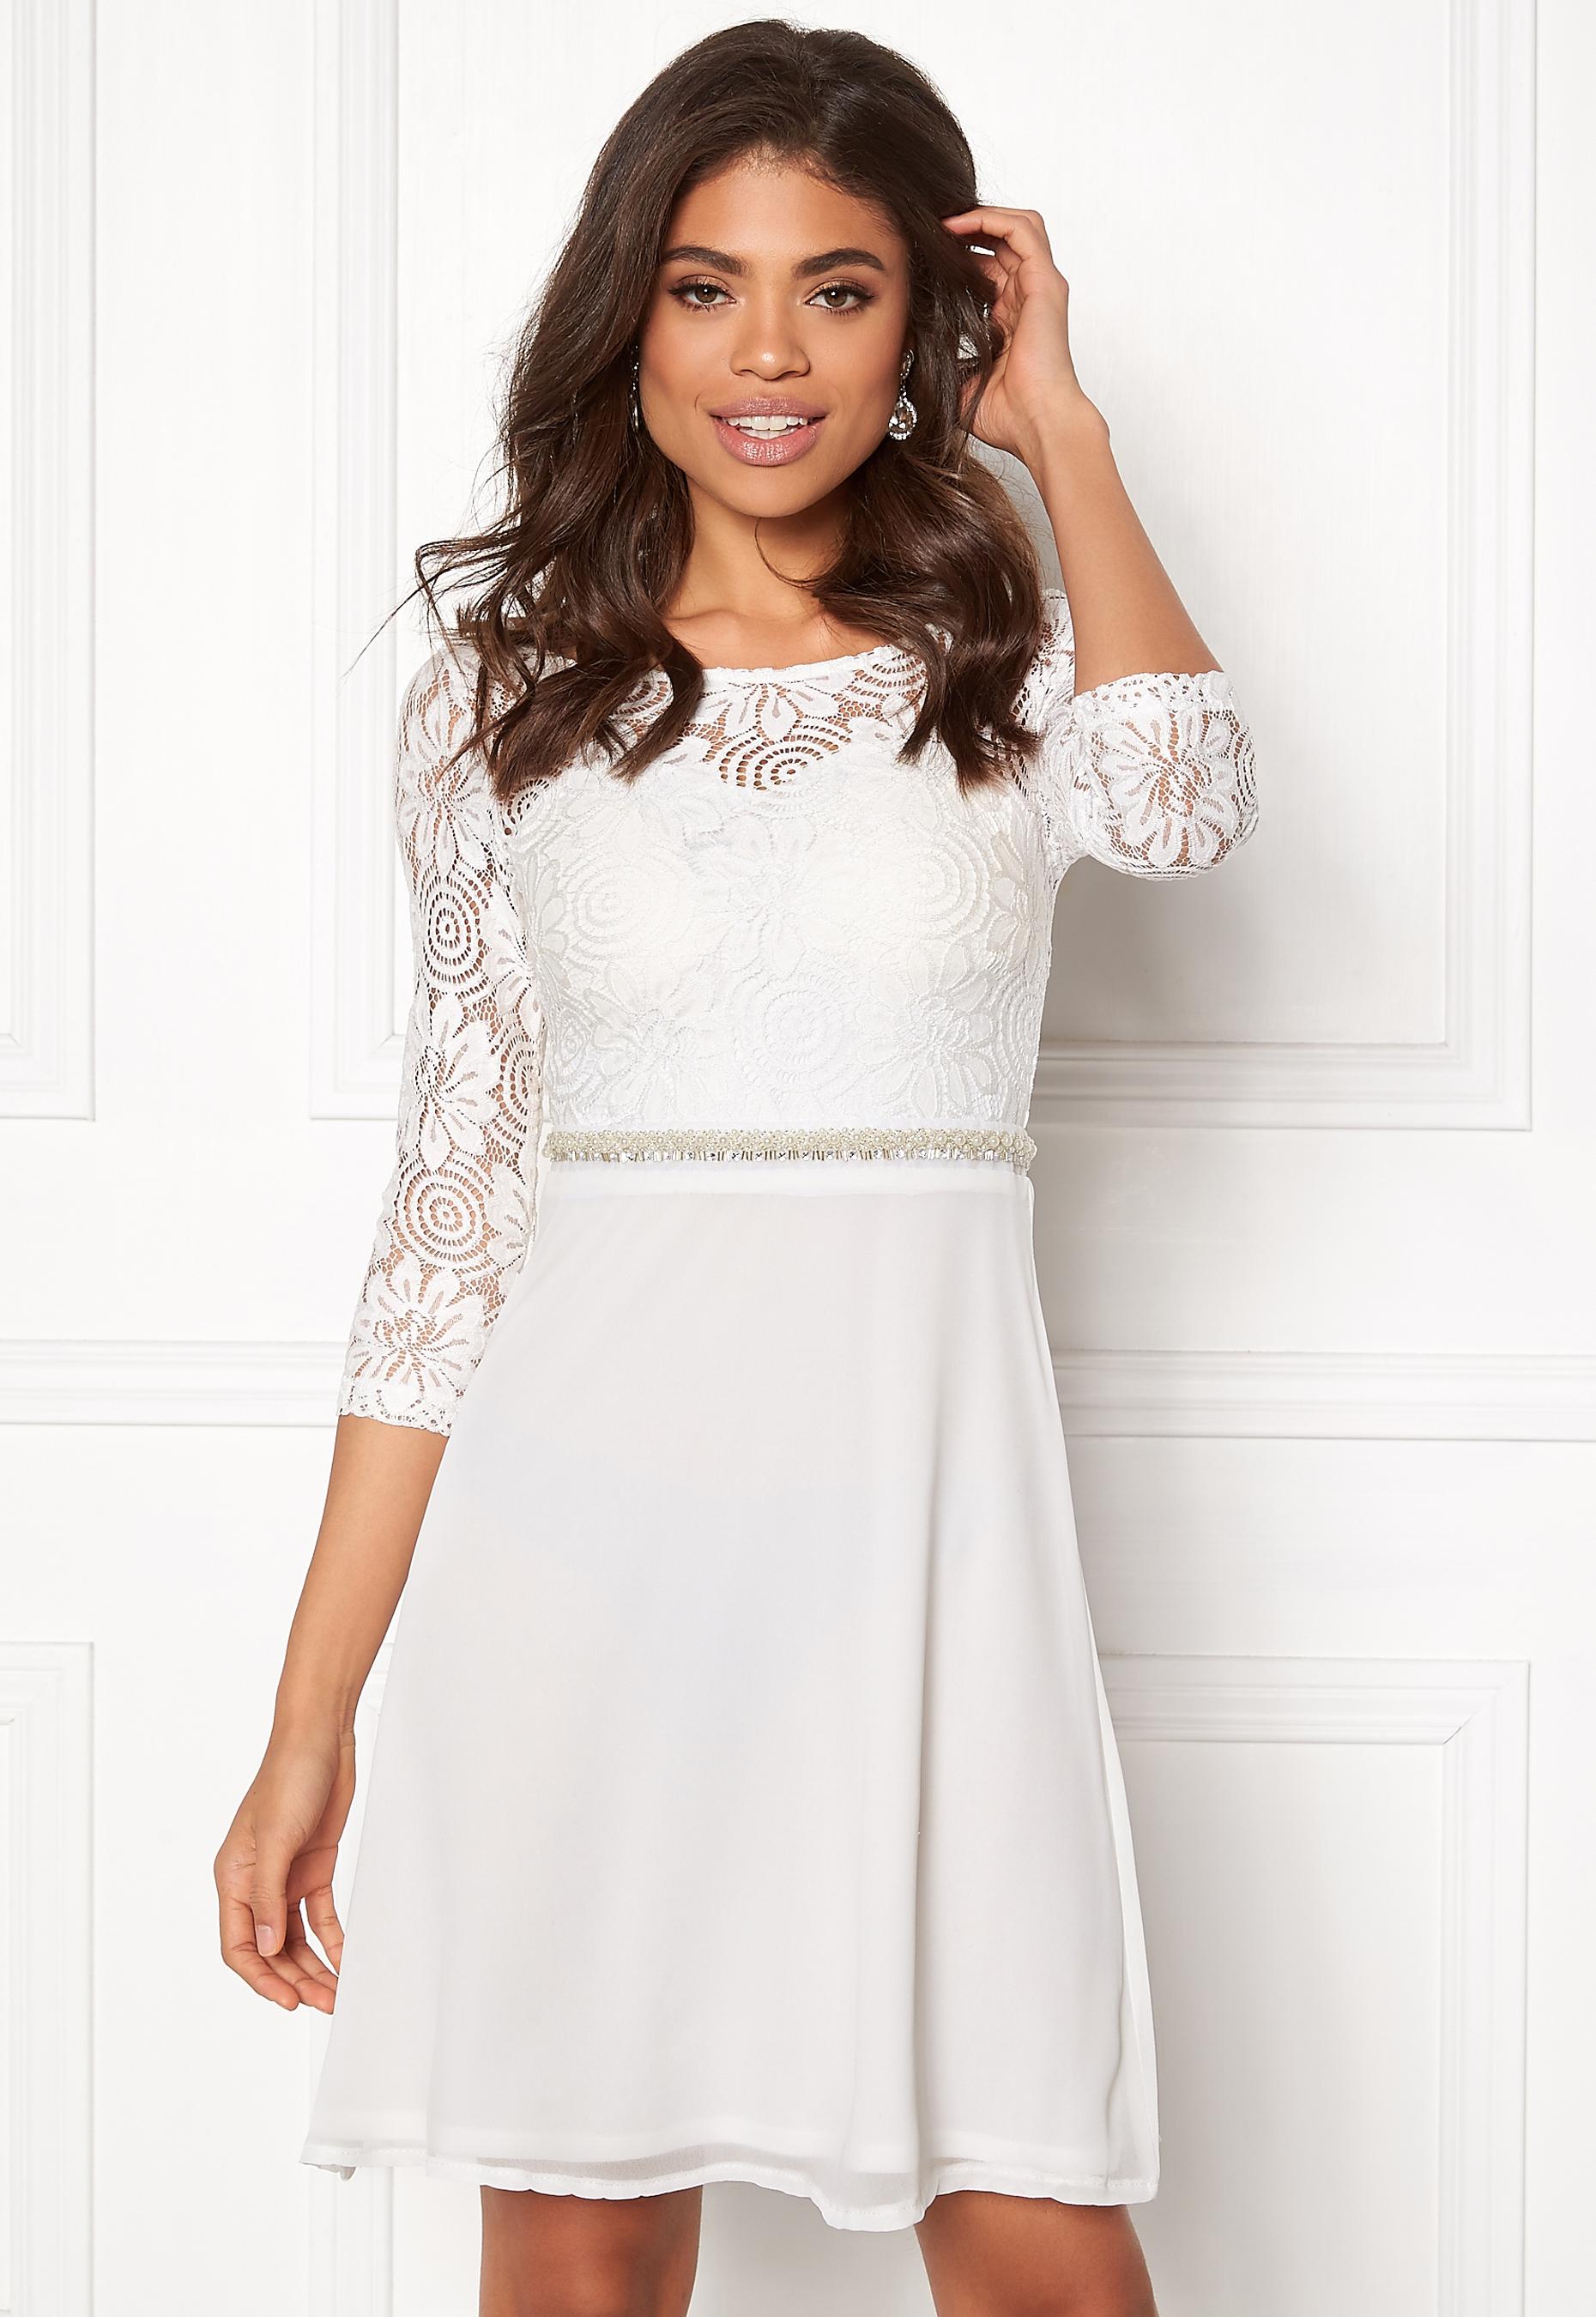 Sisters Point WD-30 LS Dress Cream - Bubbleroom fd0c3cdff16dd